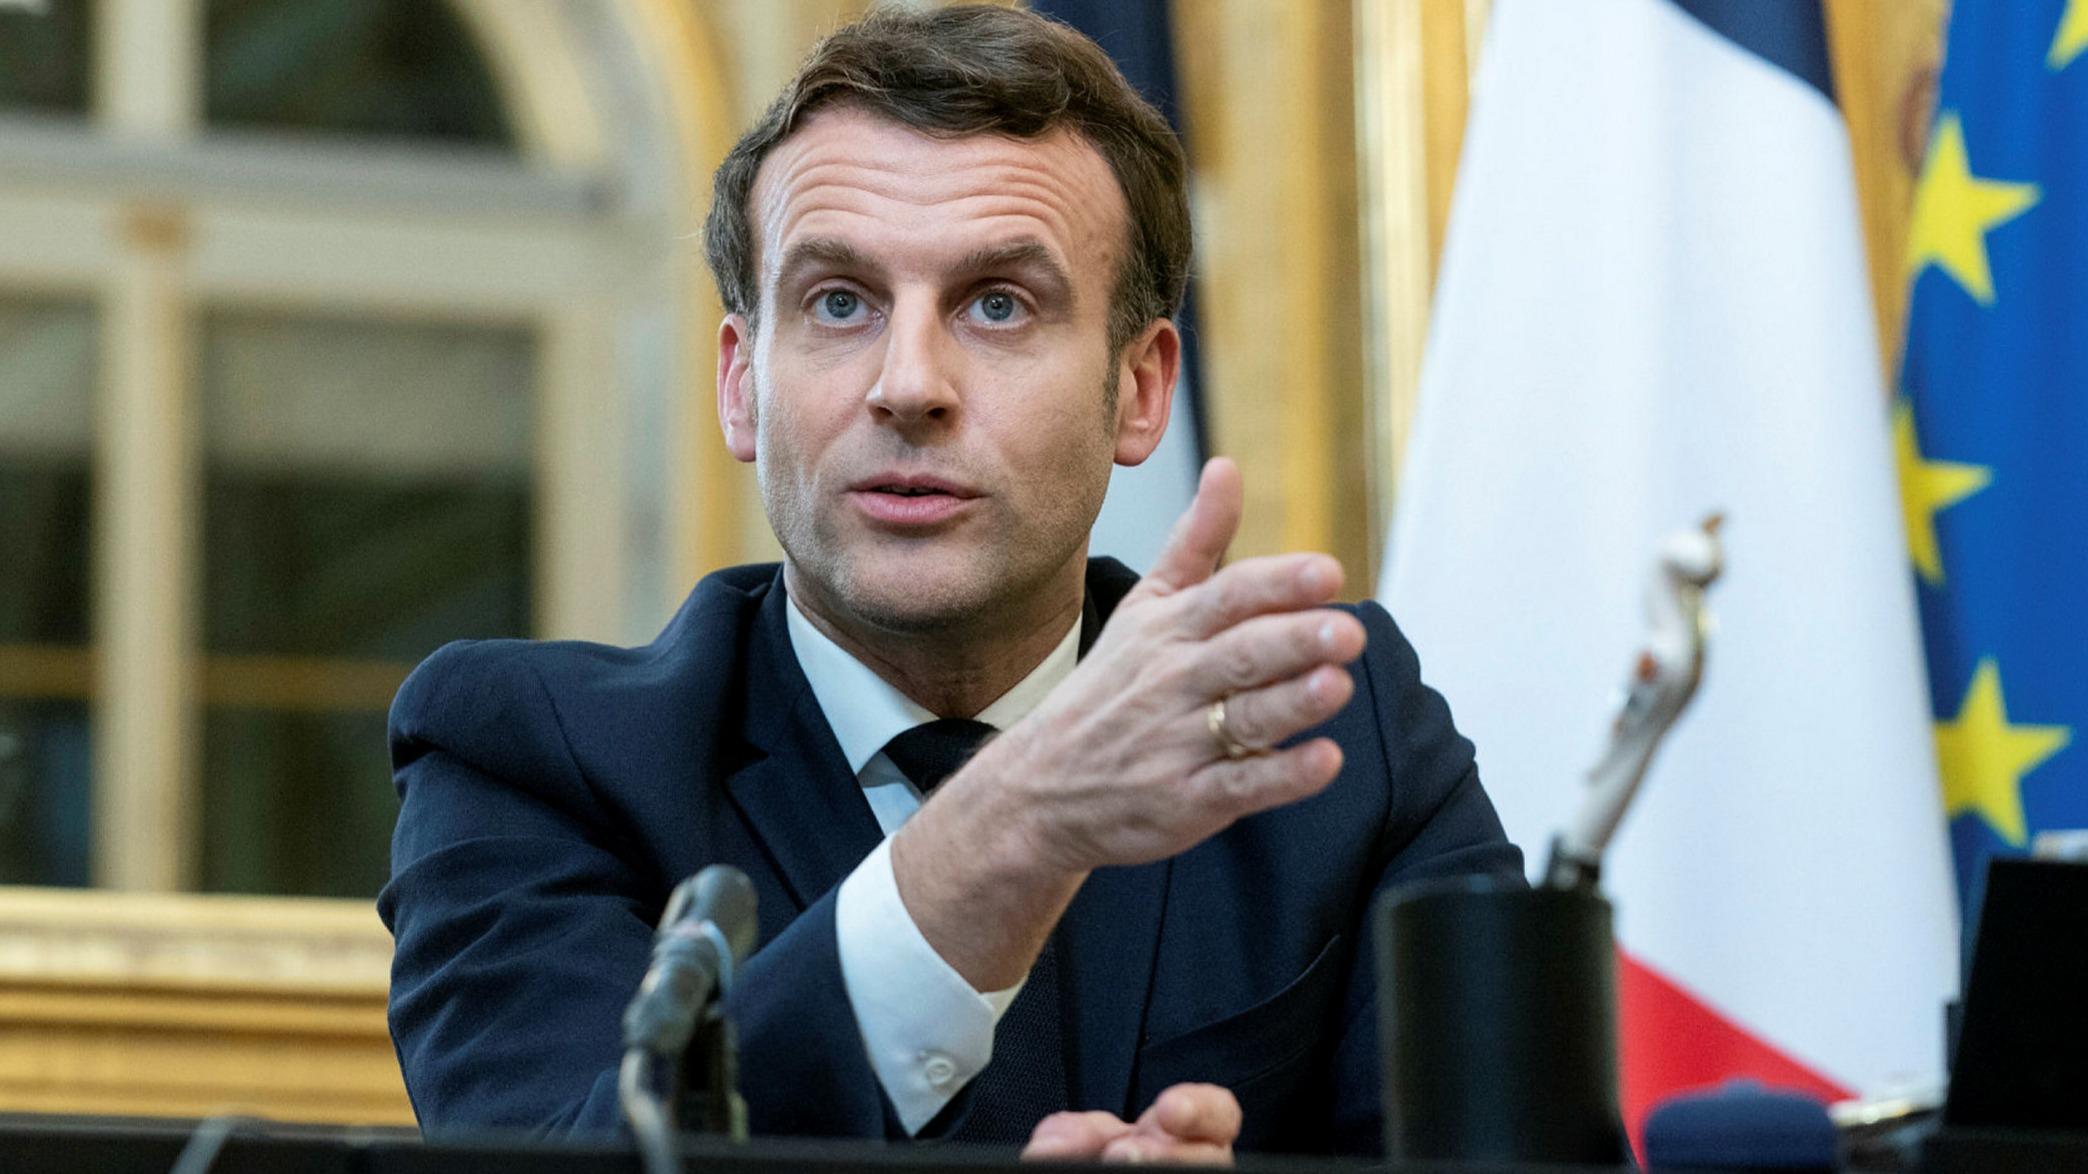 Covid-19 : Emmanuel Macron accusé de ne pas respecter les gestes barrières ! La vidéo polémique